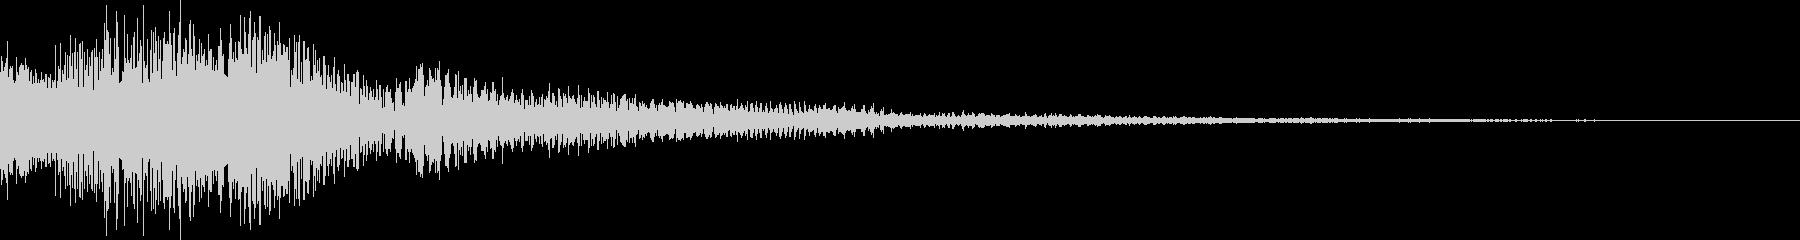 ピロロローン低(お知らせ アイキャッチ)の未再生の波形